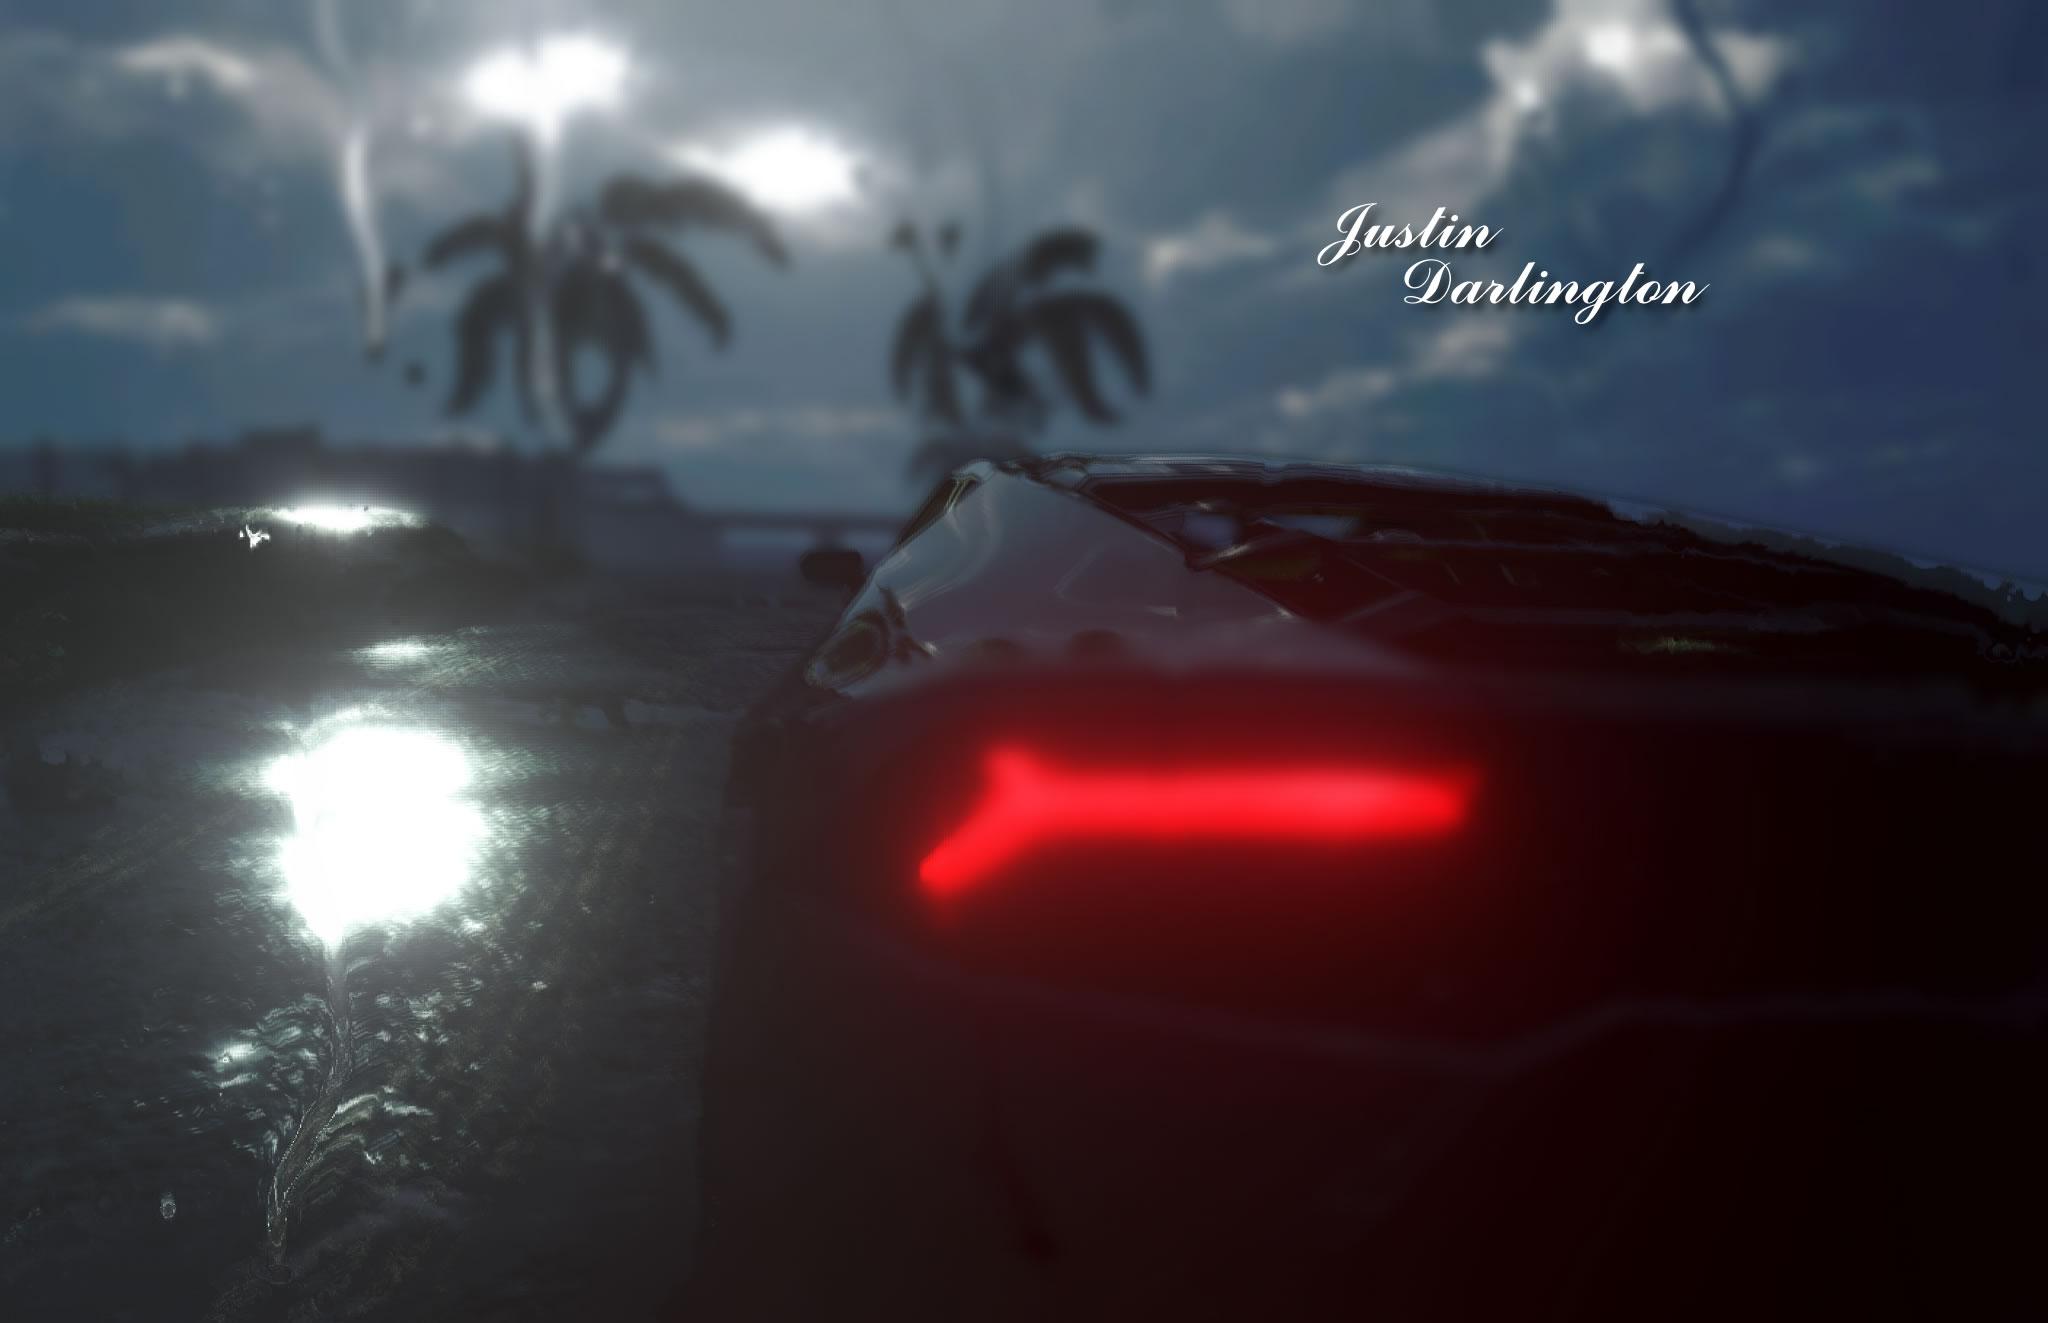 RainLambo(2048)WM_FLATTEN.jpg